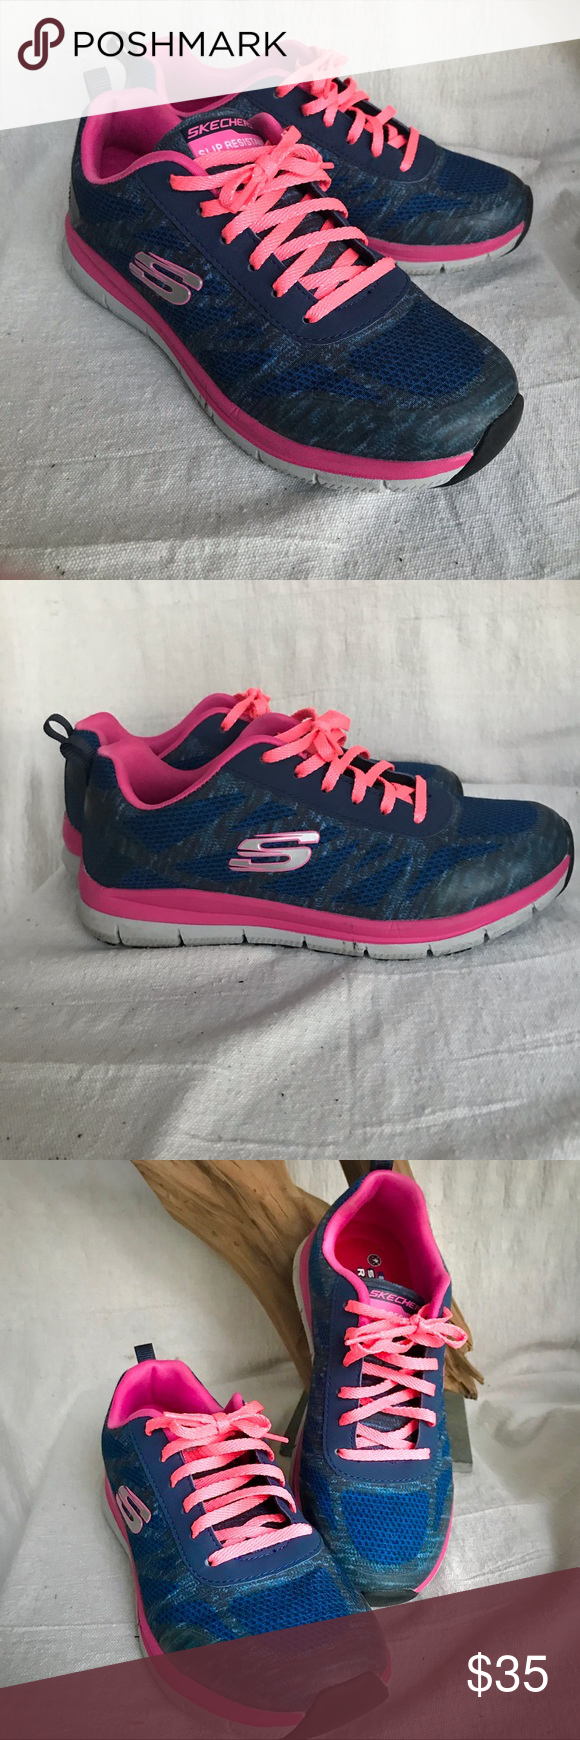 Skechers Sneakers size 8   Skechers